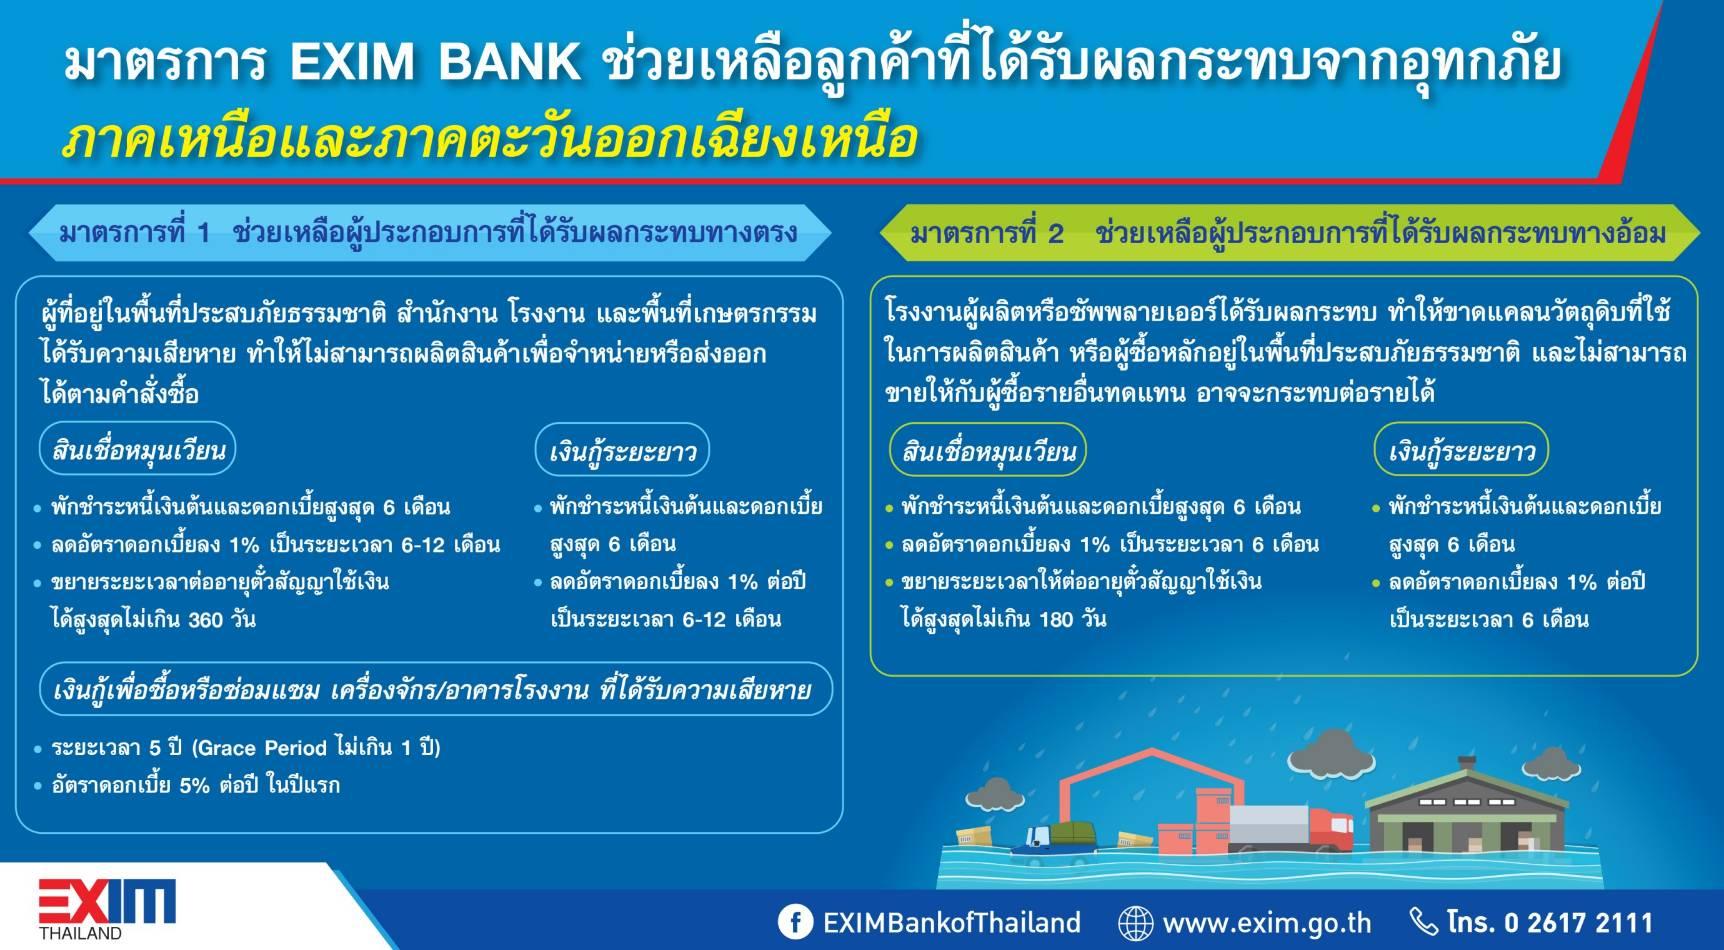 """EXIM BANK ออกมาตรการ """"พักชำระหนี้-ลดดบ."""" ช่วยเหลือลูกค้าประสบปัญหาน้ำท่วม"""